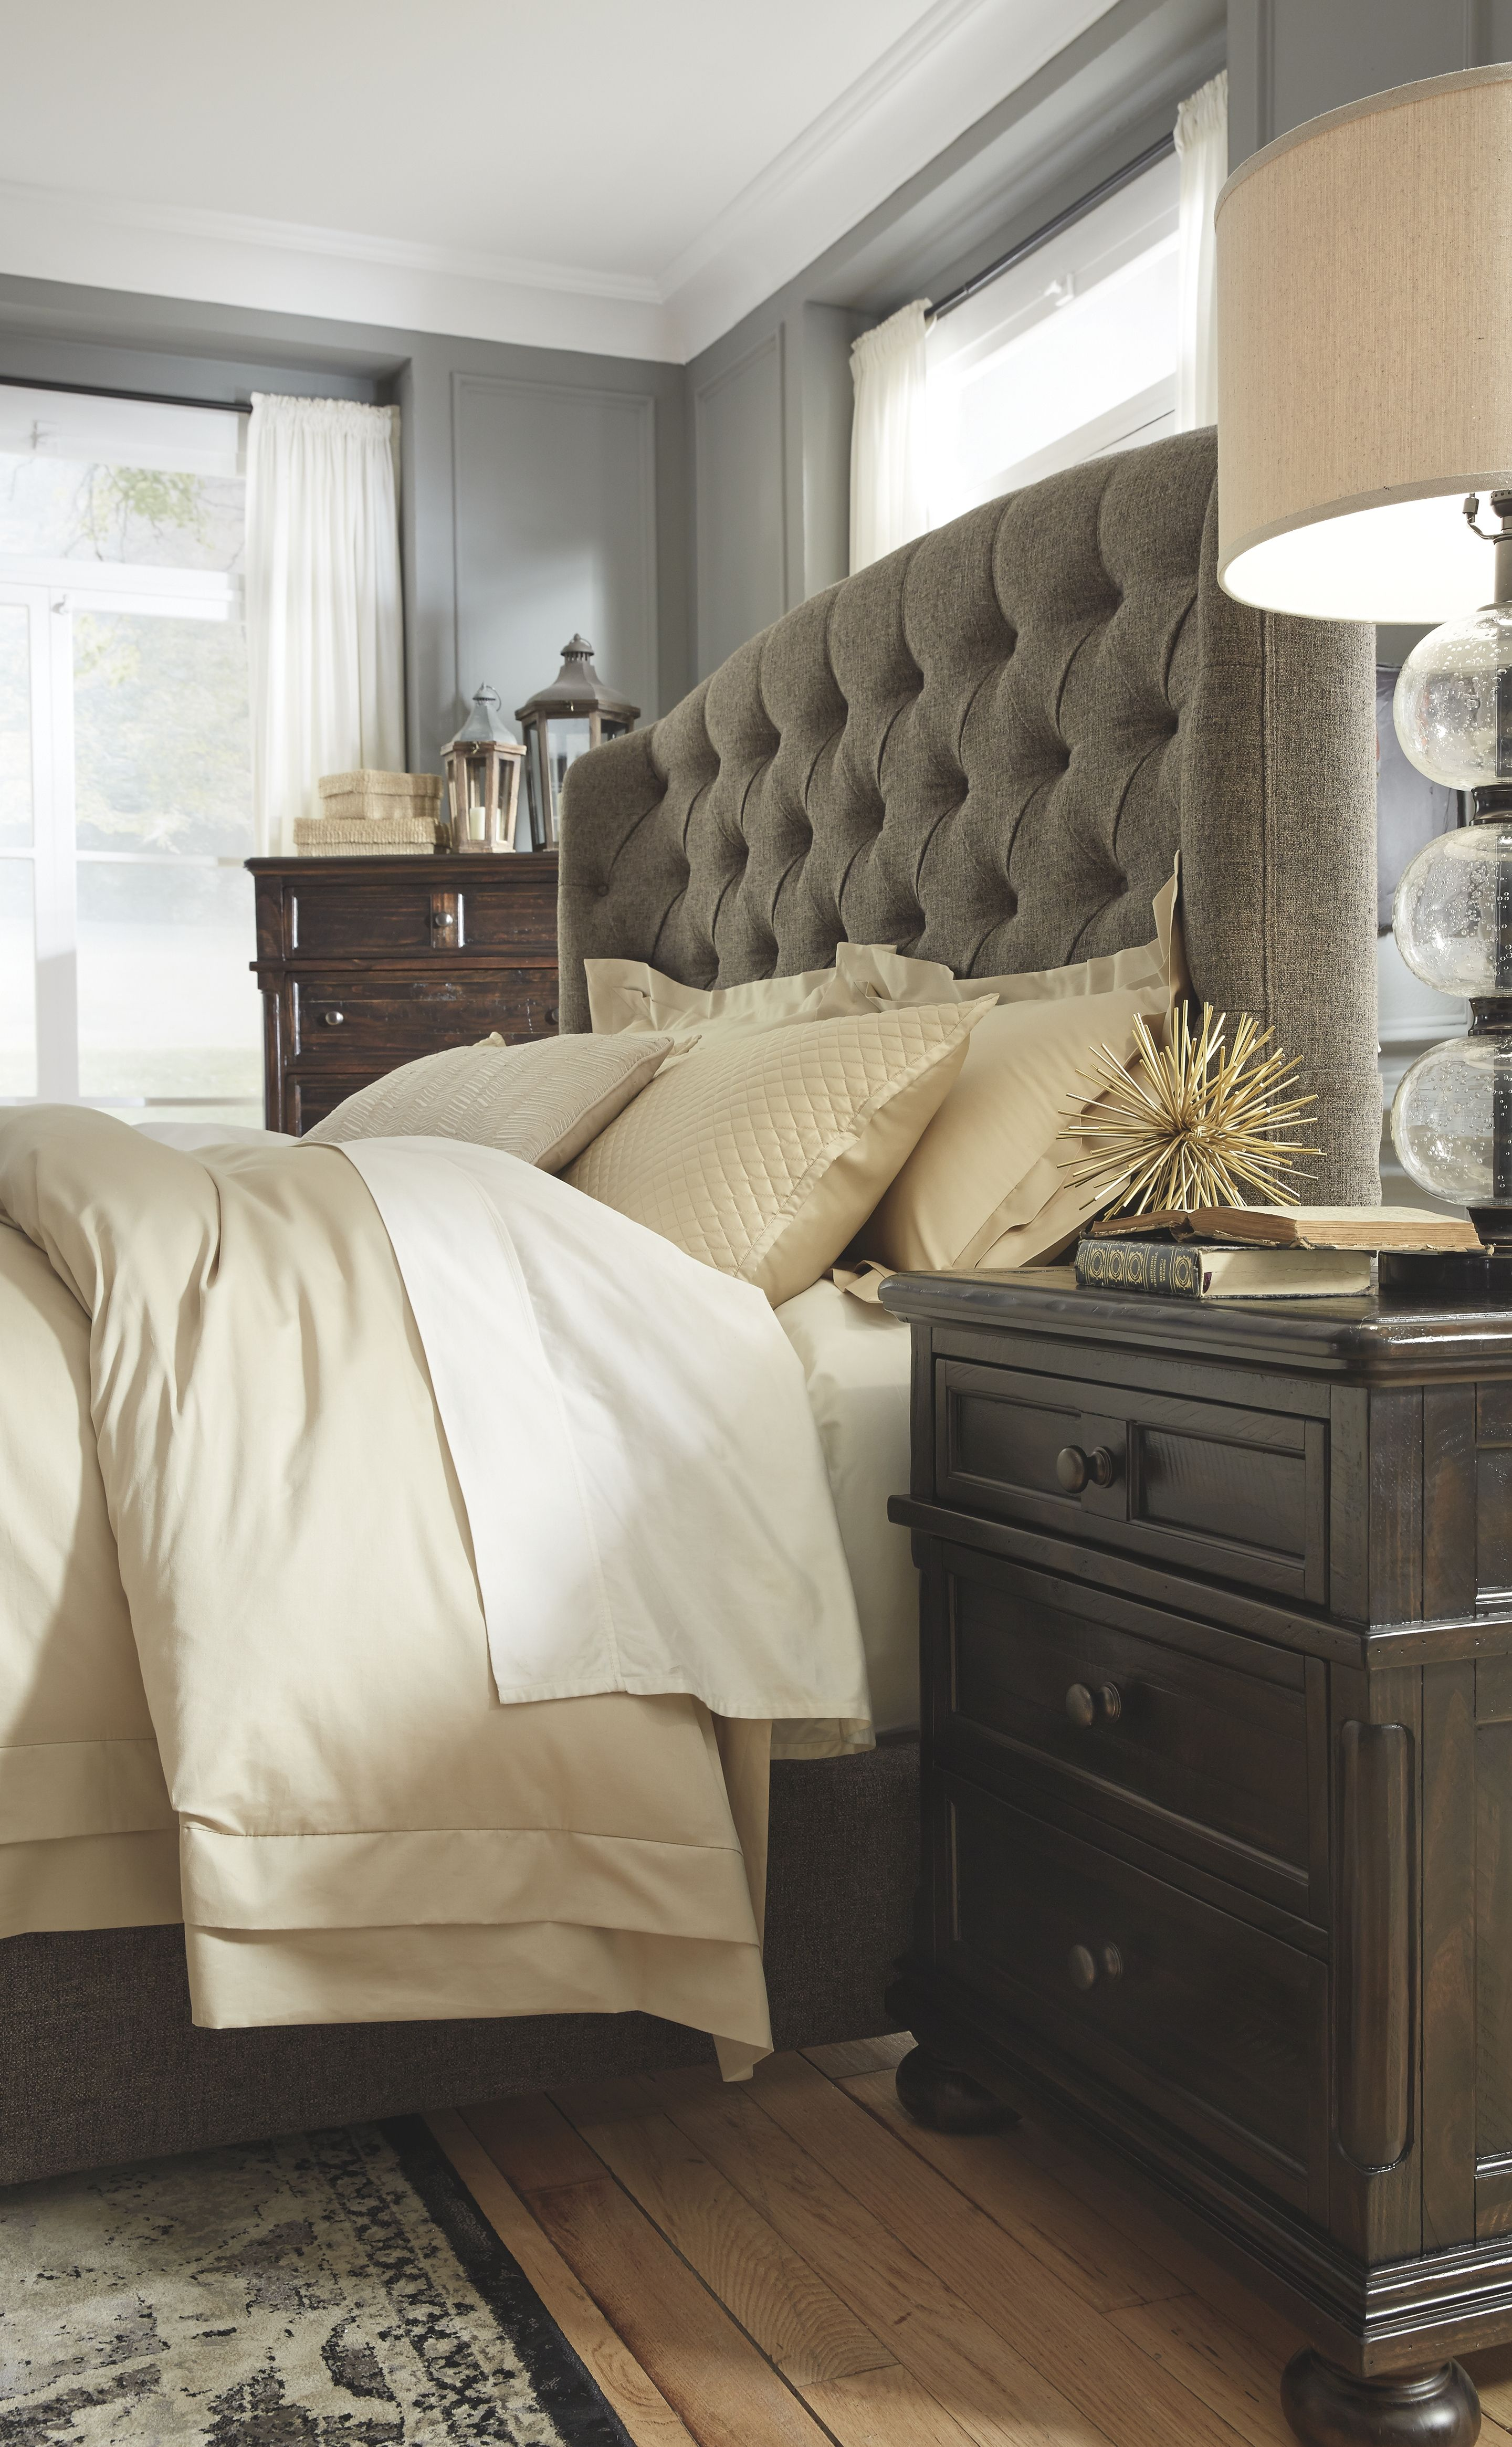 Best Gerlane California King Upholstered Bed Graphite 400 x 300